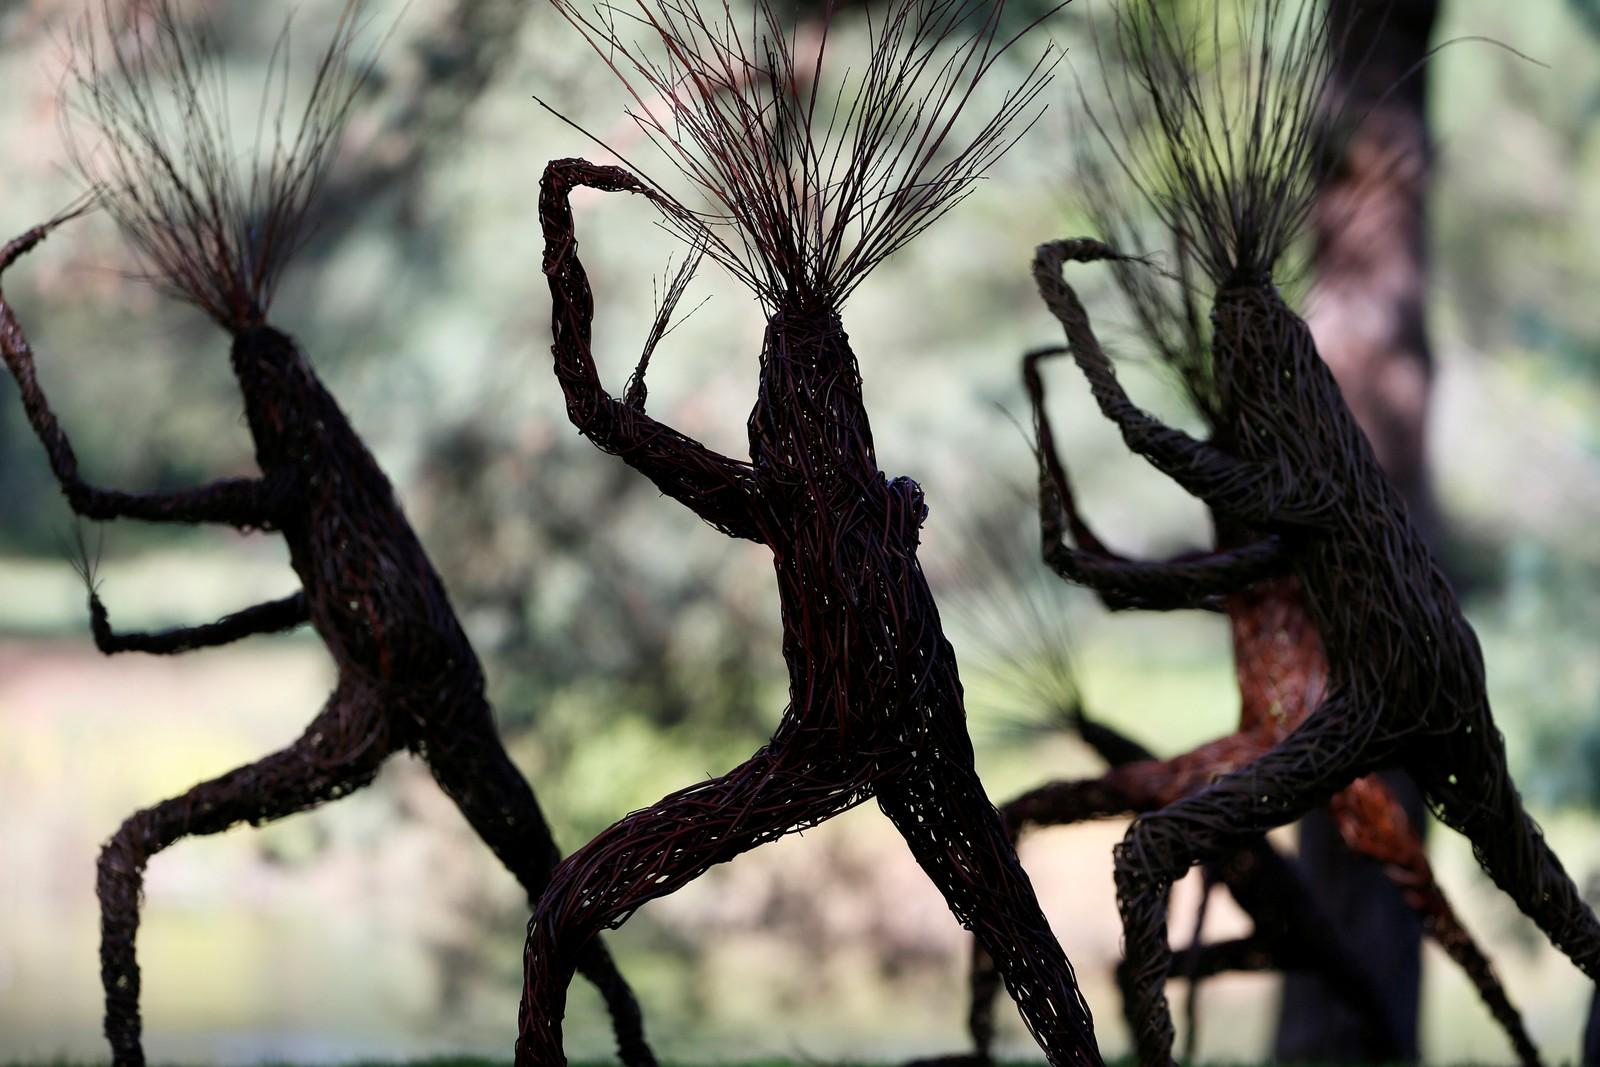 Disse dansende trefigurene signert Woody Fox kan du se i Kew Gardens i London.